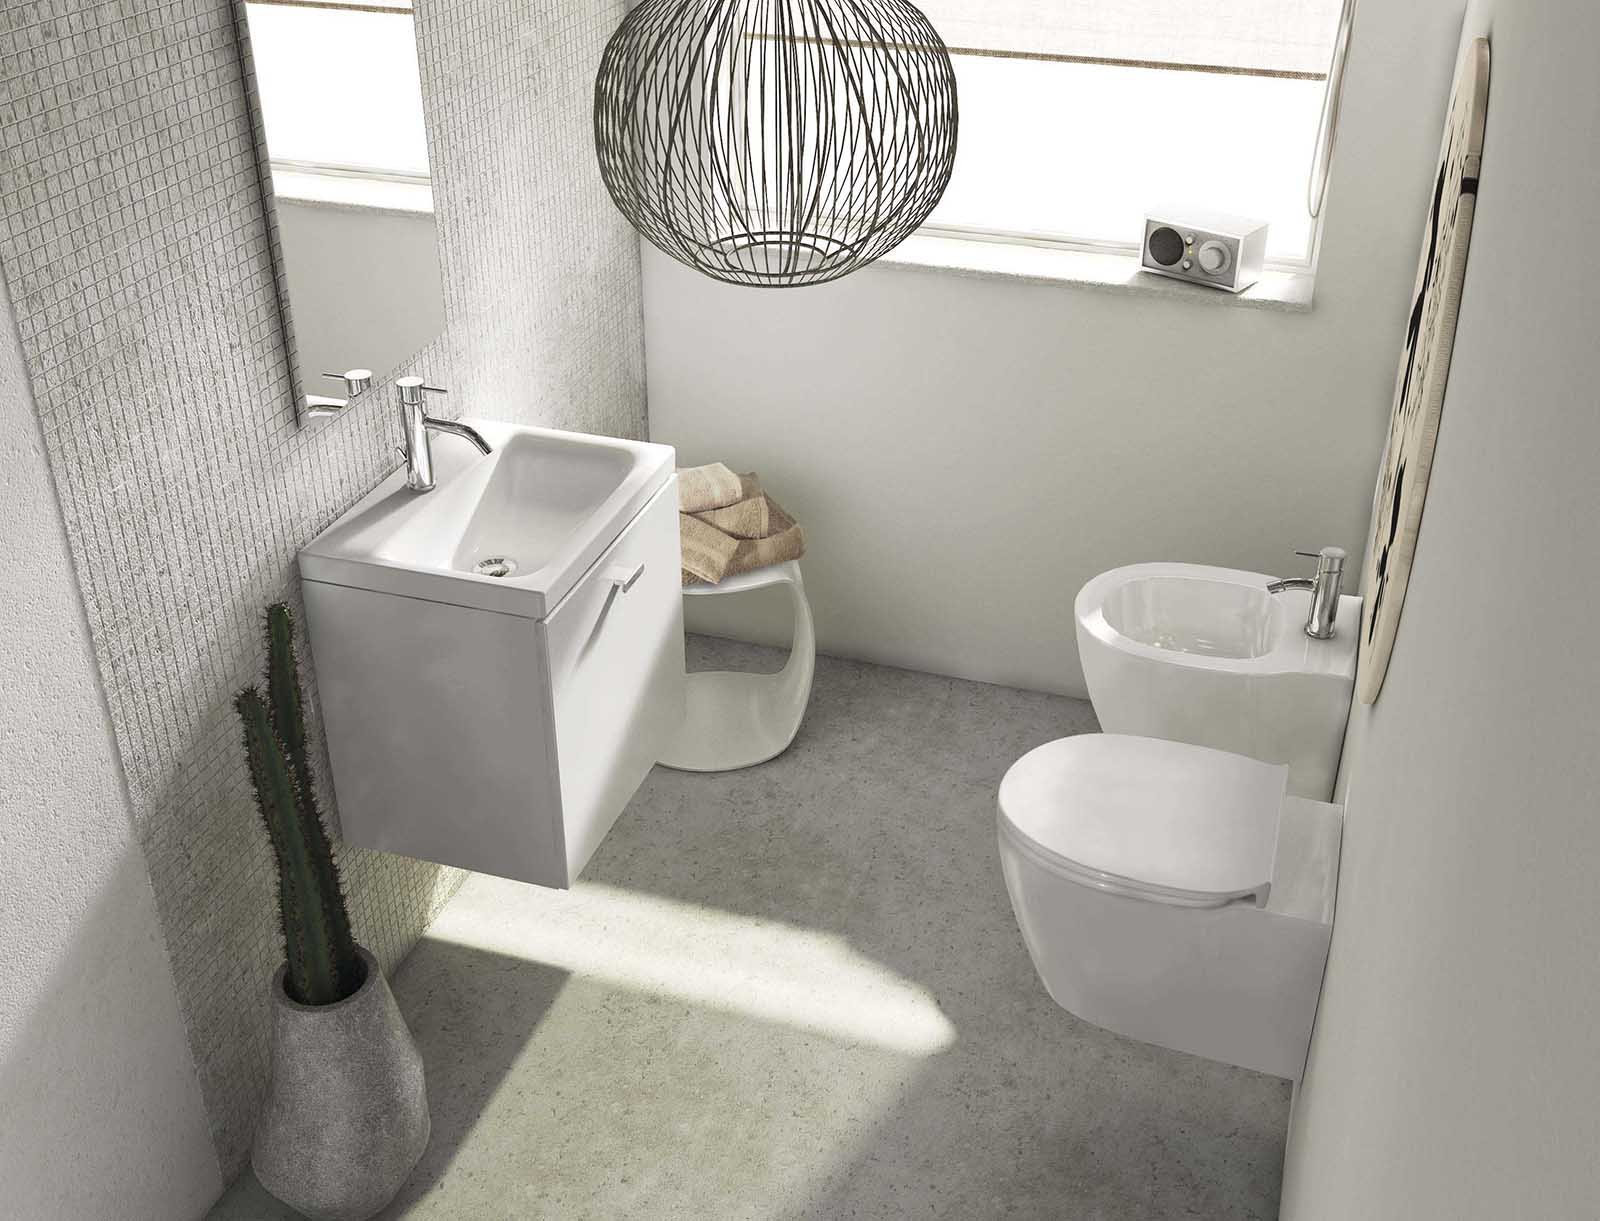 nei bagni di piccole dimensioni importante risparmiare spazio senza rinunciare a nulla a volte la soluzione possono fornirla i sanitari di profondit